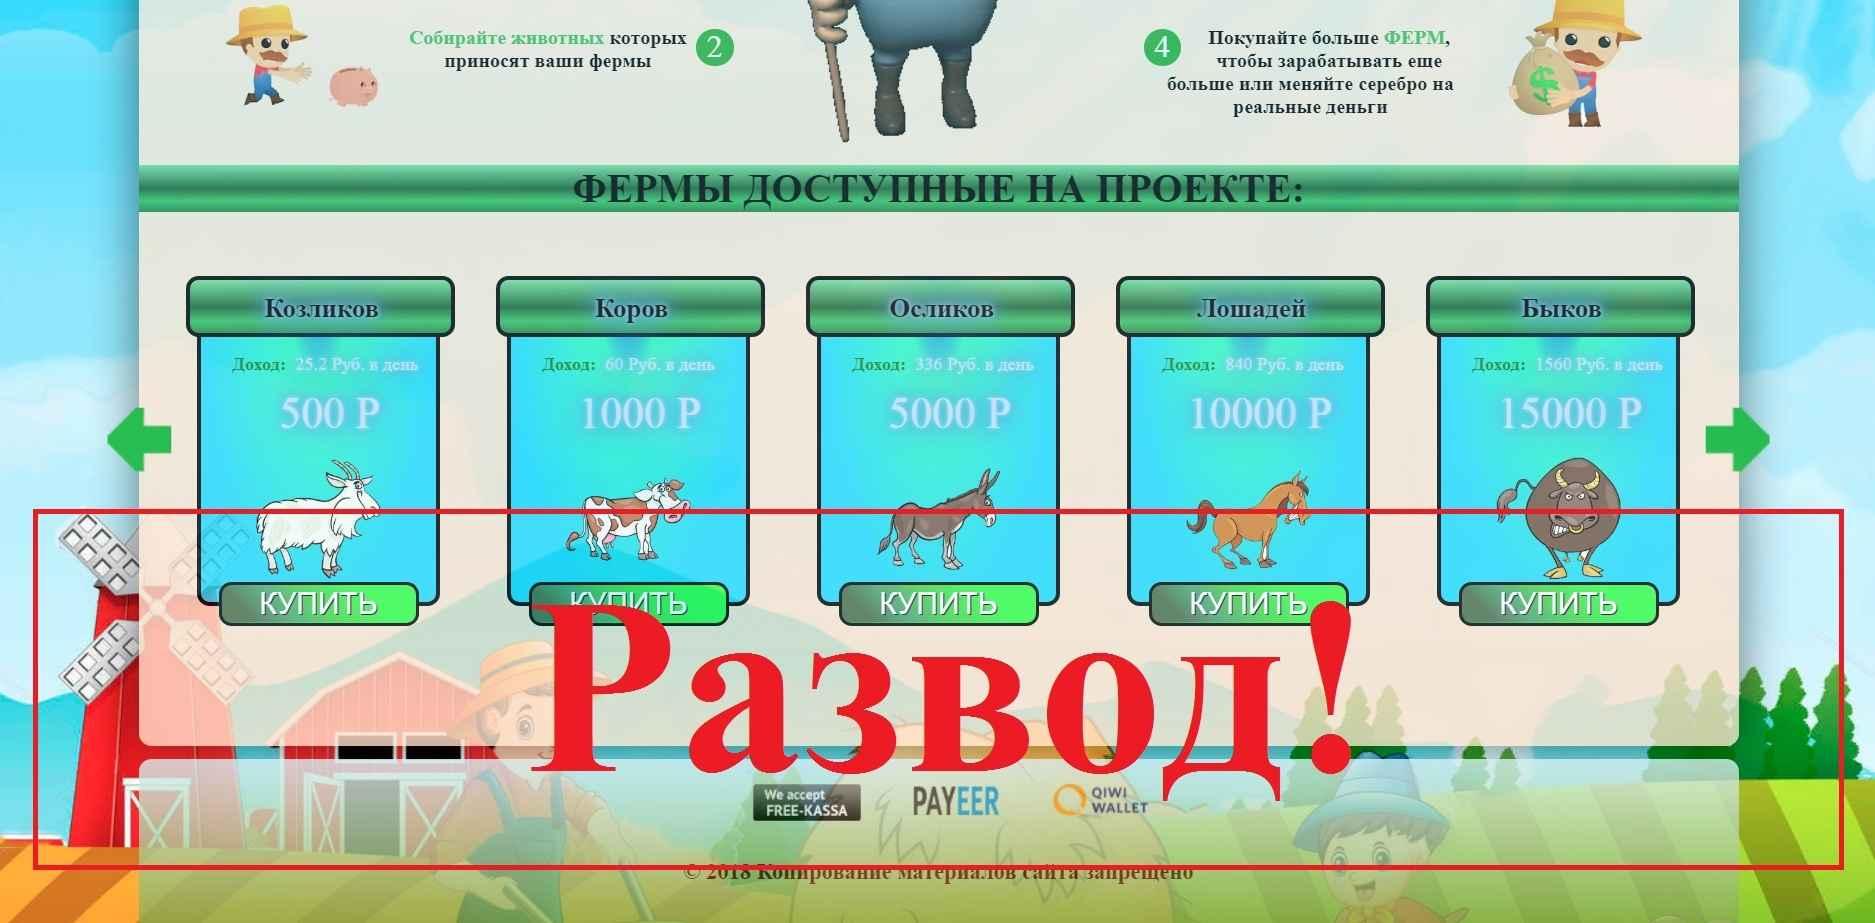 Kolhoz – игра с выводом денег. Отзывы о mykolxoz.com